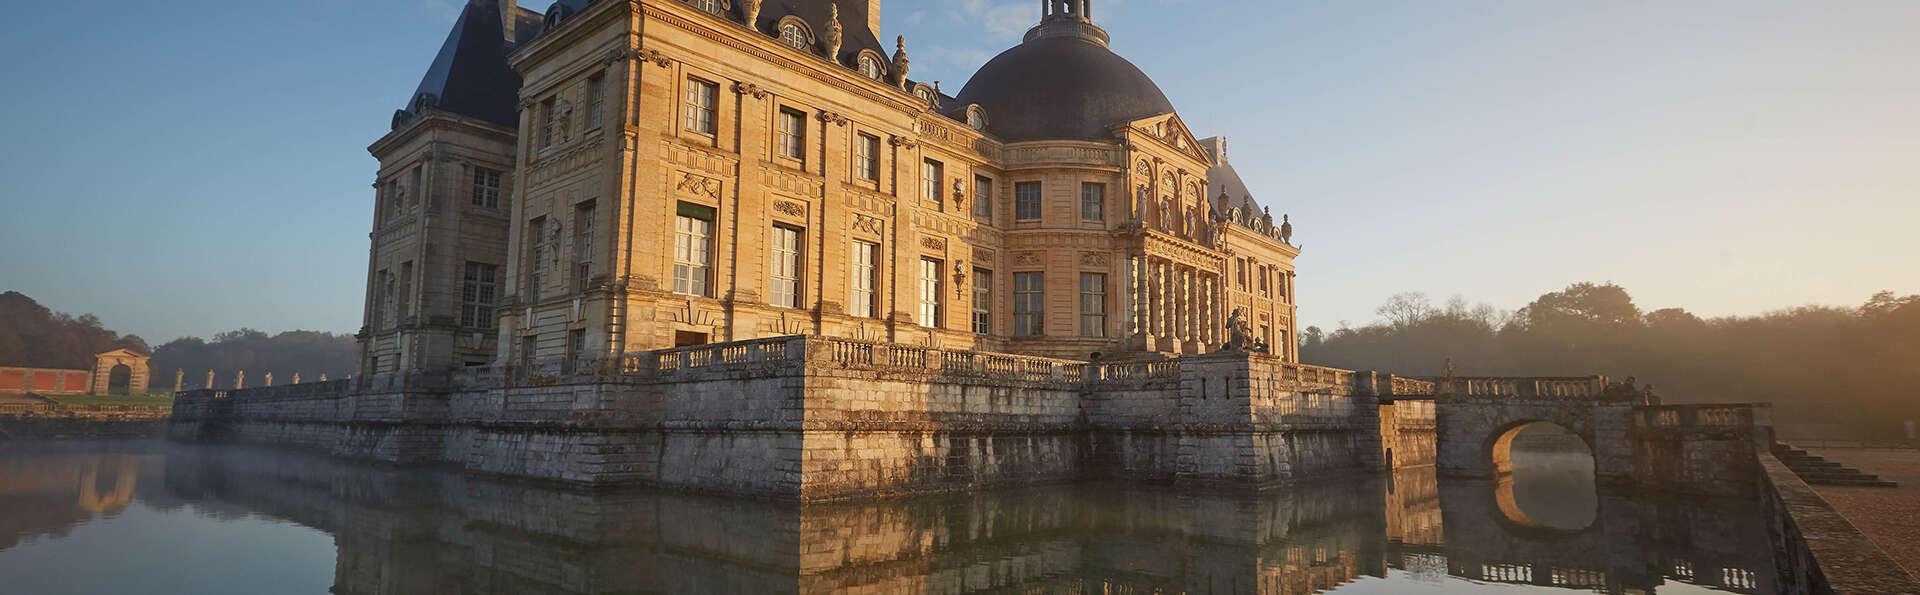 Visite du château de Vaux-le-Vicomte pour un break nature à 1h de Paris